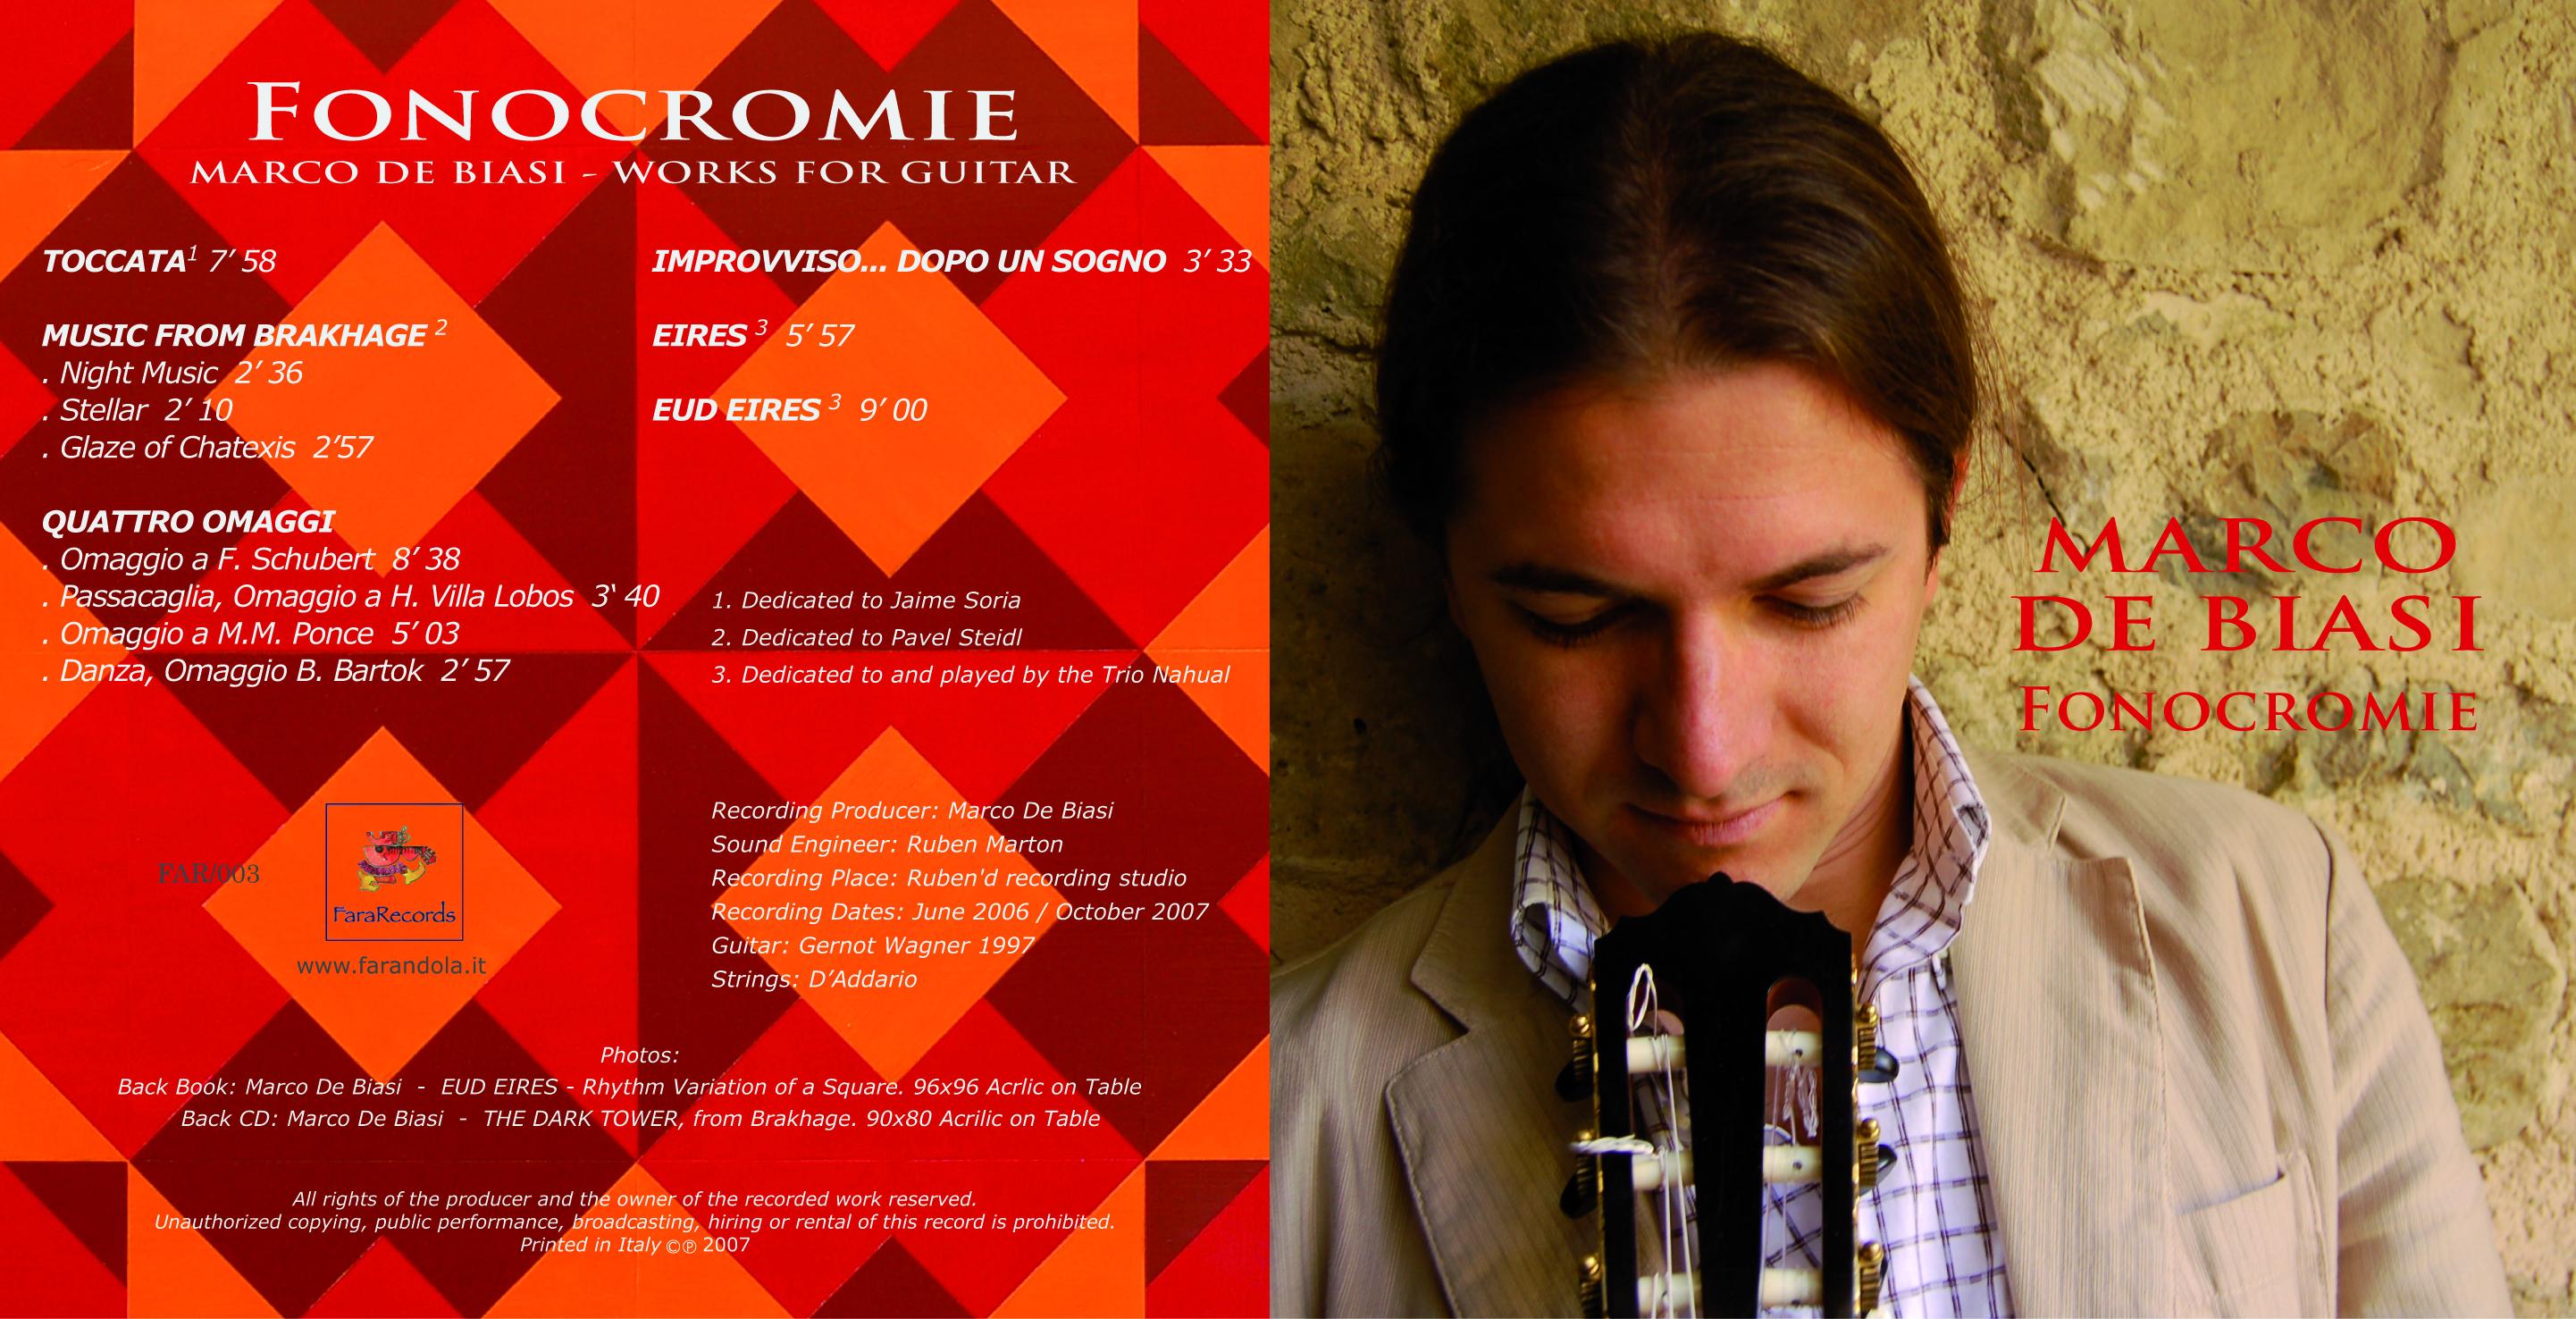 fonocromie - marco de biasi booklet